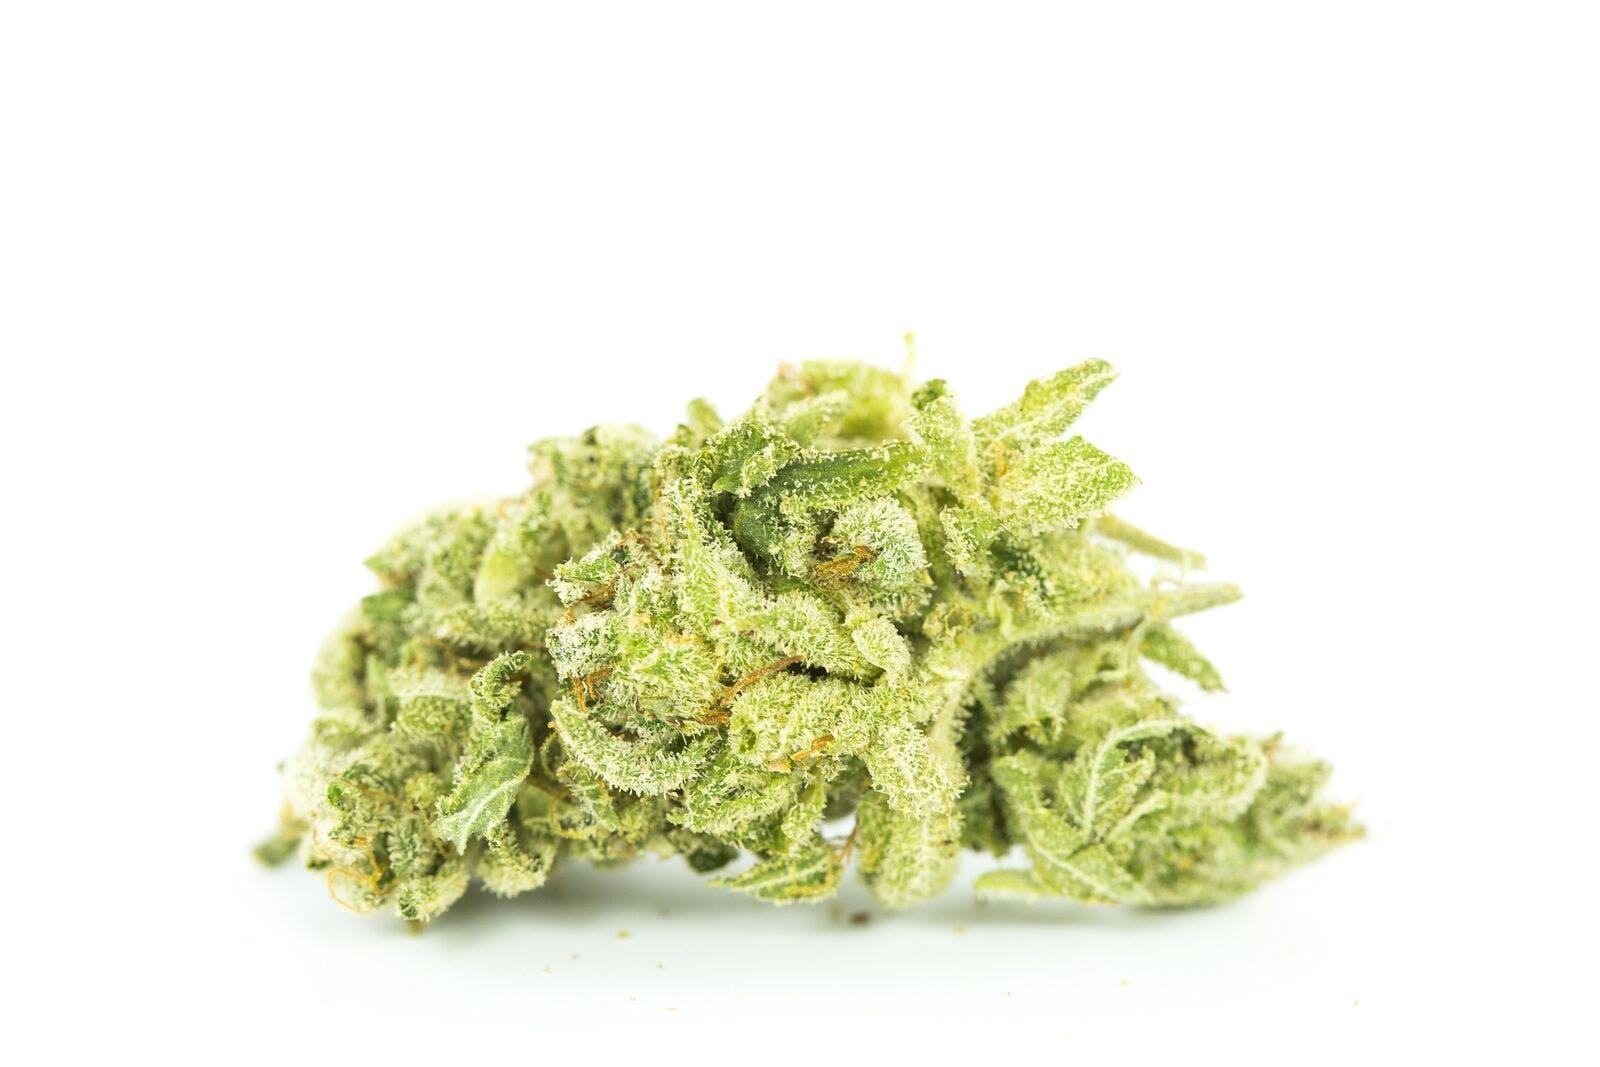 Gorilla Cookies Weed; Gorilla Cookies Cannabis Strain; Gorilla Cookies Hybrid Marijuana Strain